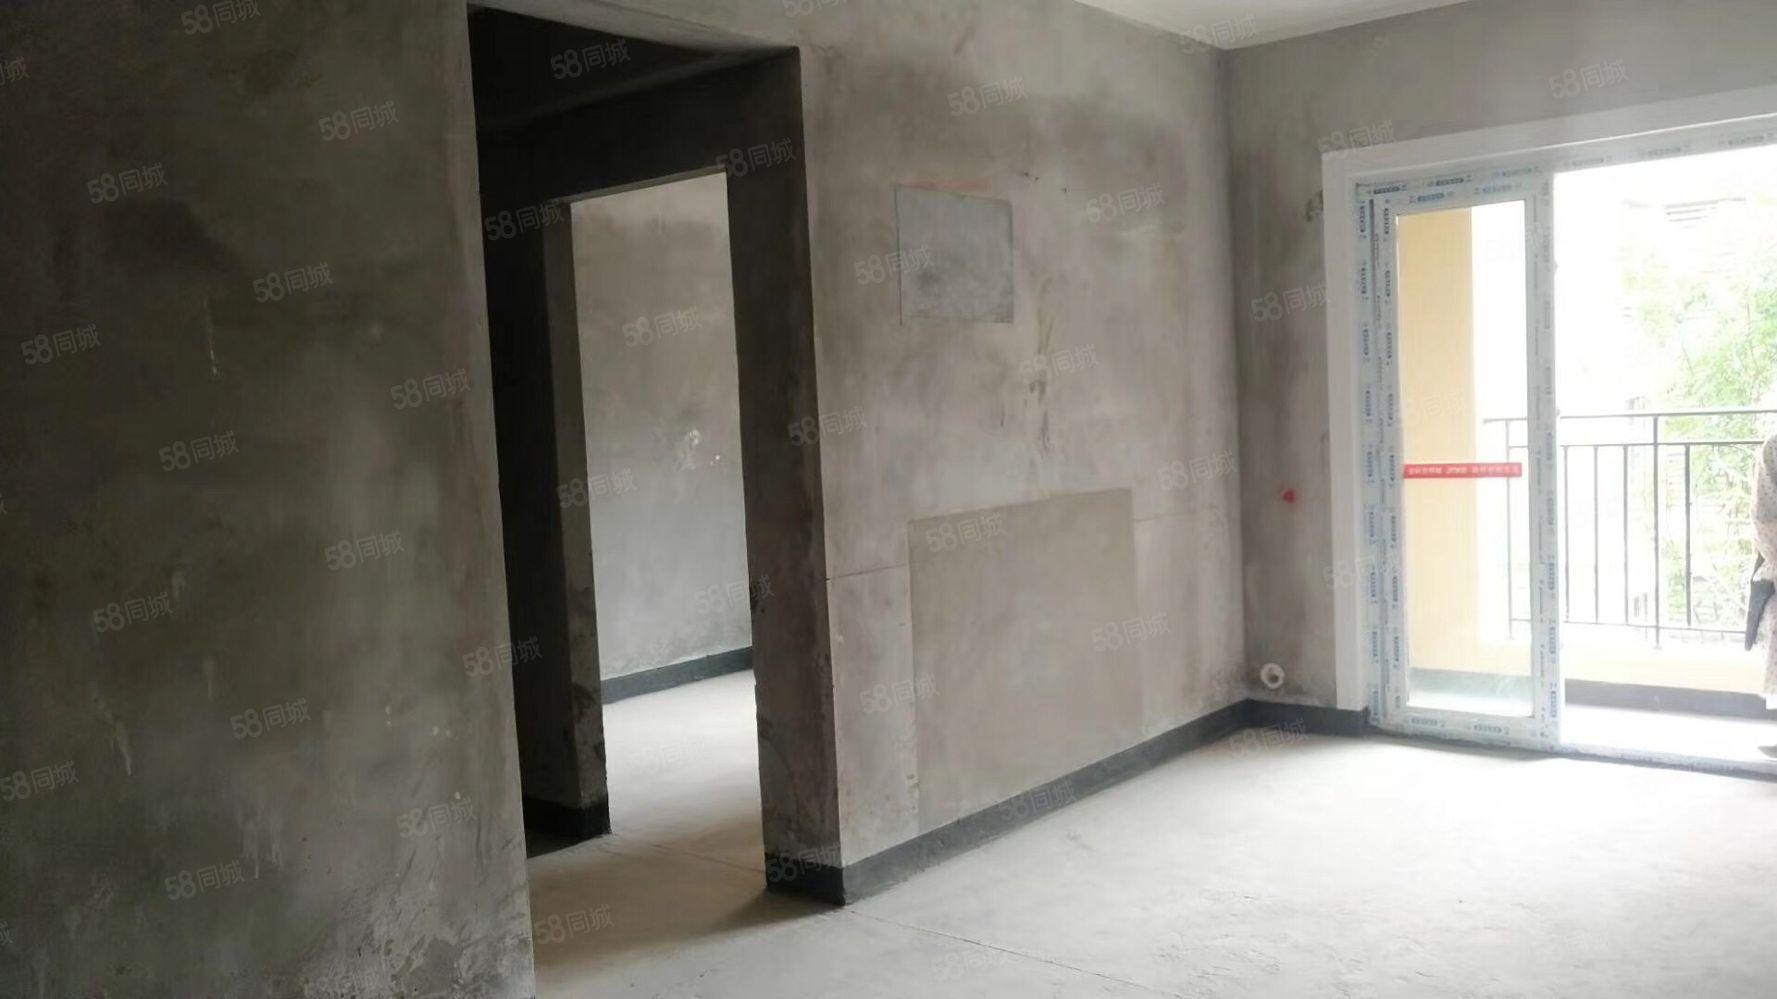 金科二期洋房,94平米,三室两厅两卫,清水房,报价81.8万